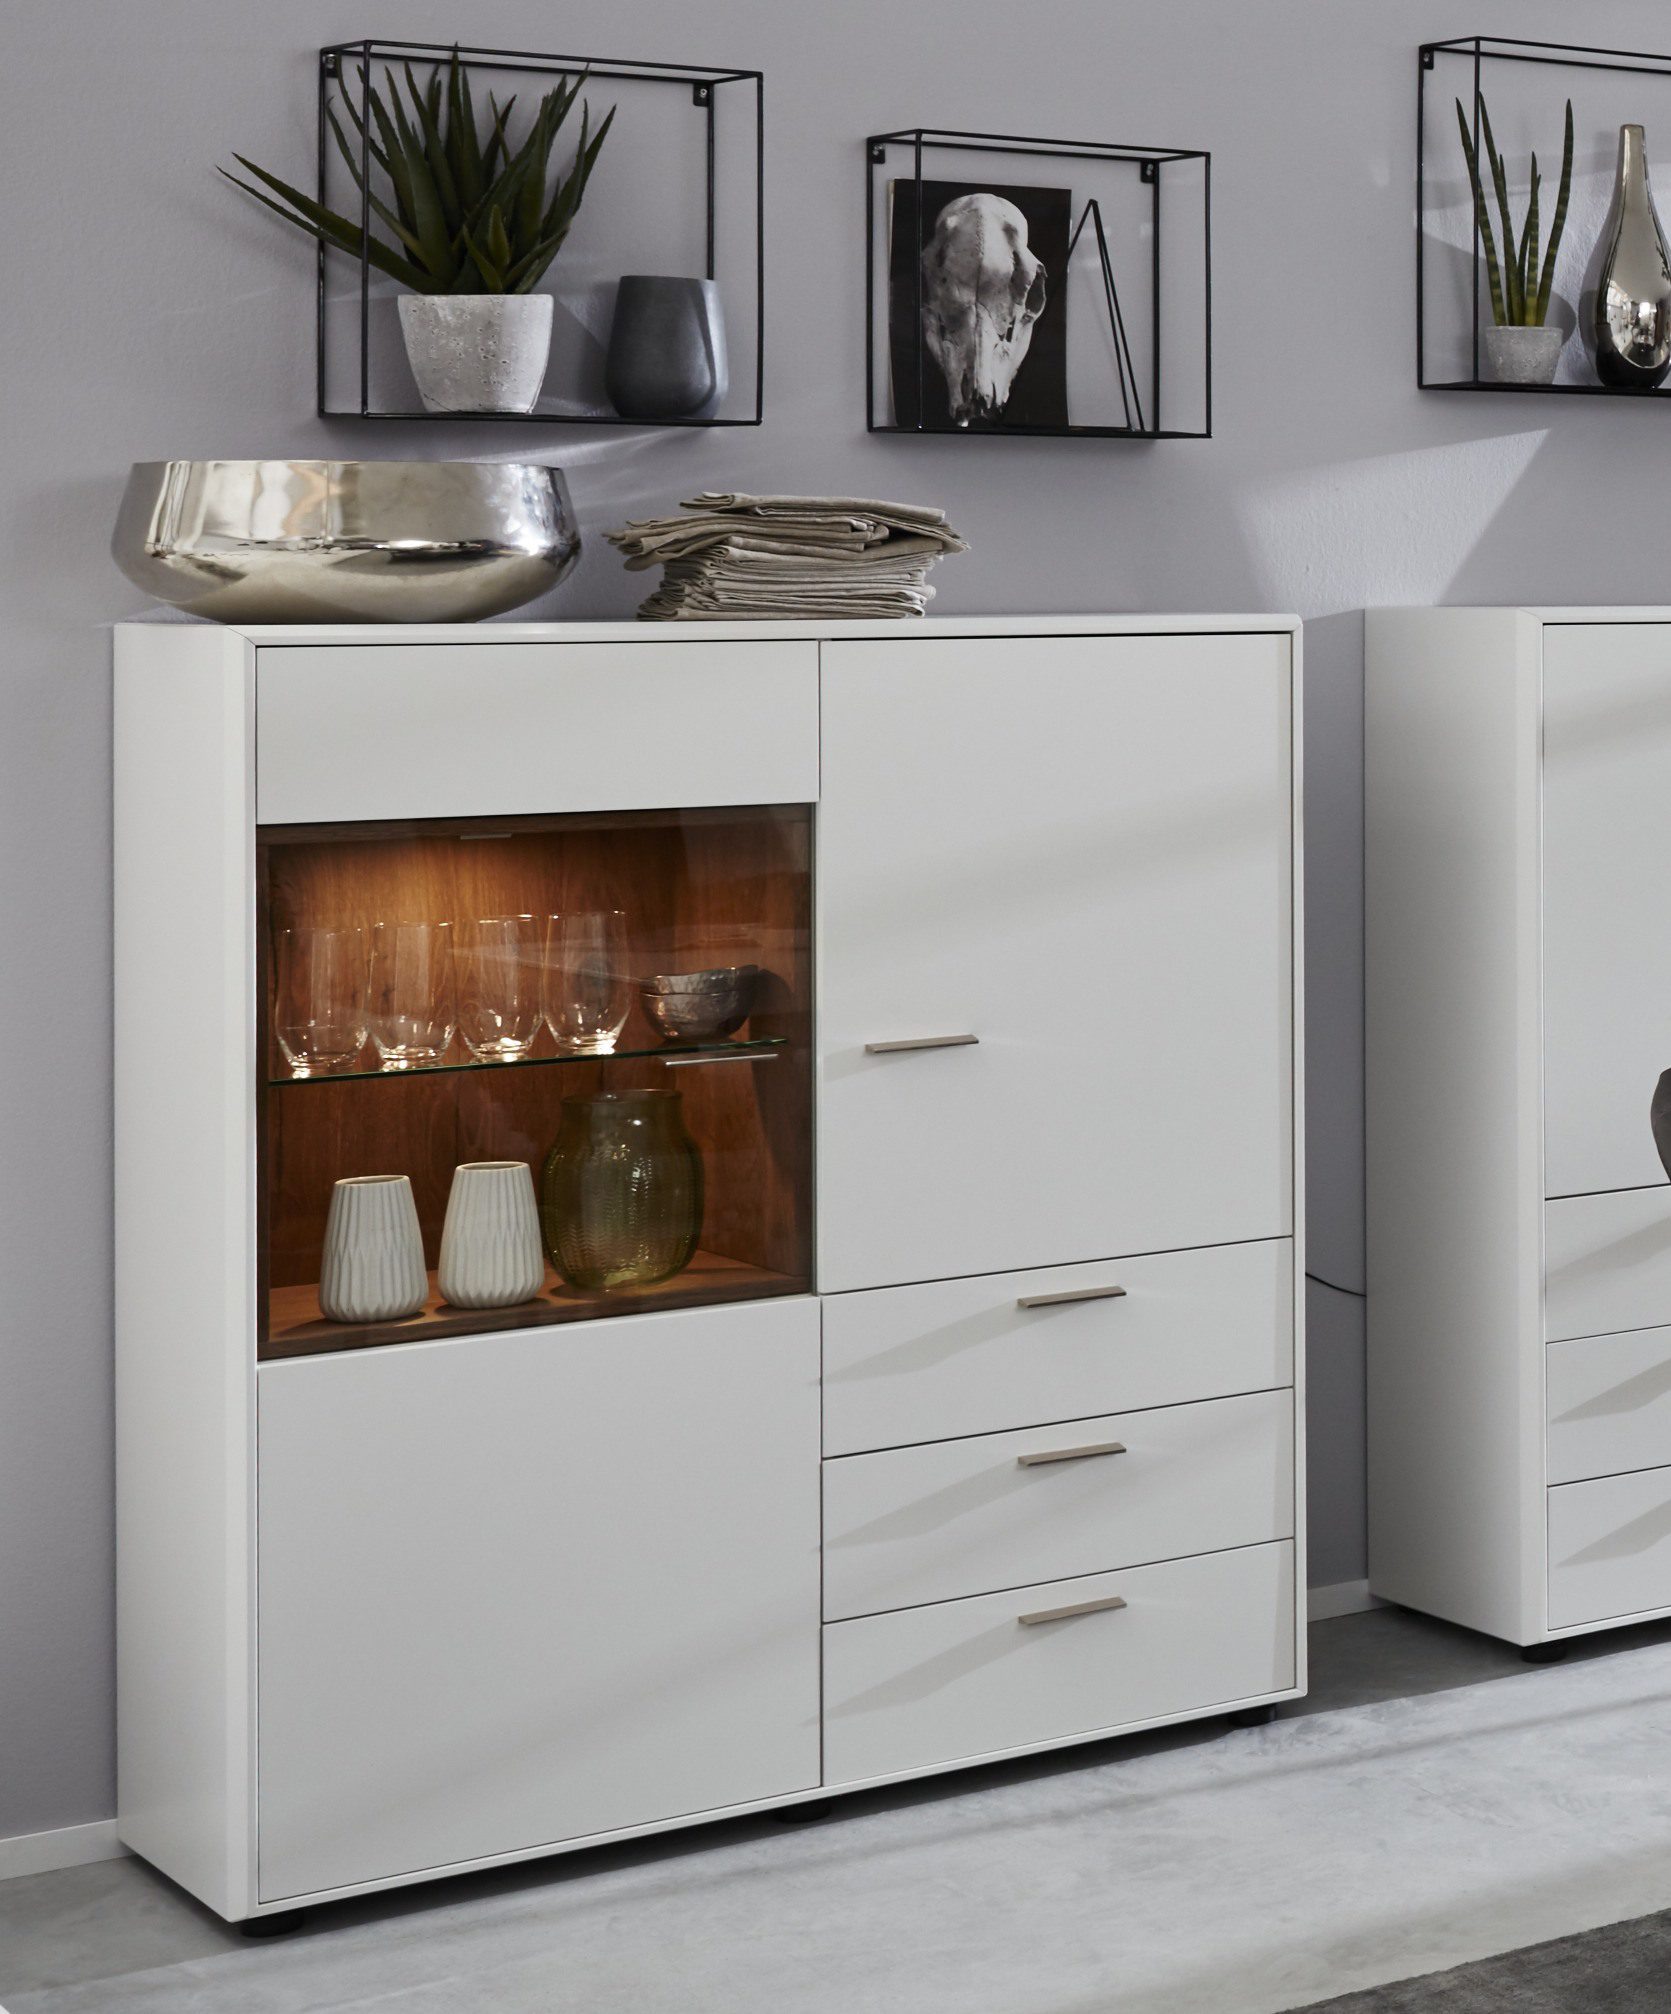 Interliving Wohnzimmer Serie 2102 Highboard 510540 Mit Beleuchtung Dunkles Asteiche Furnier Weißer Mattlack Drei Türe